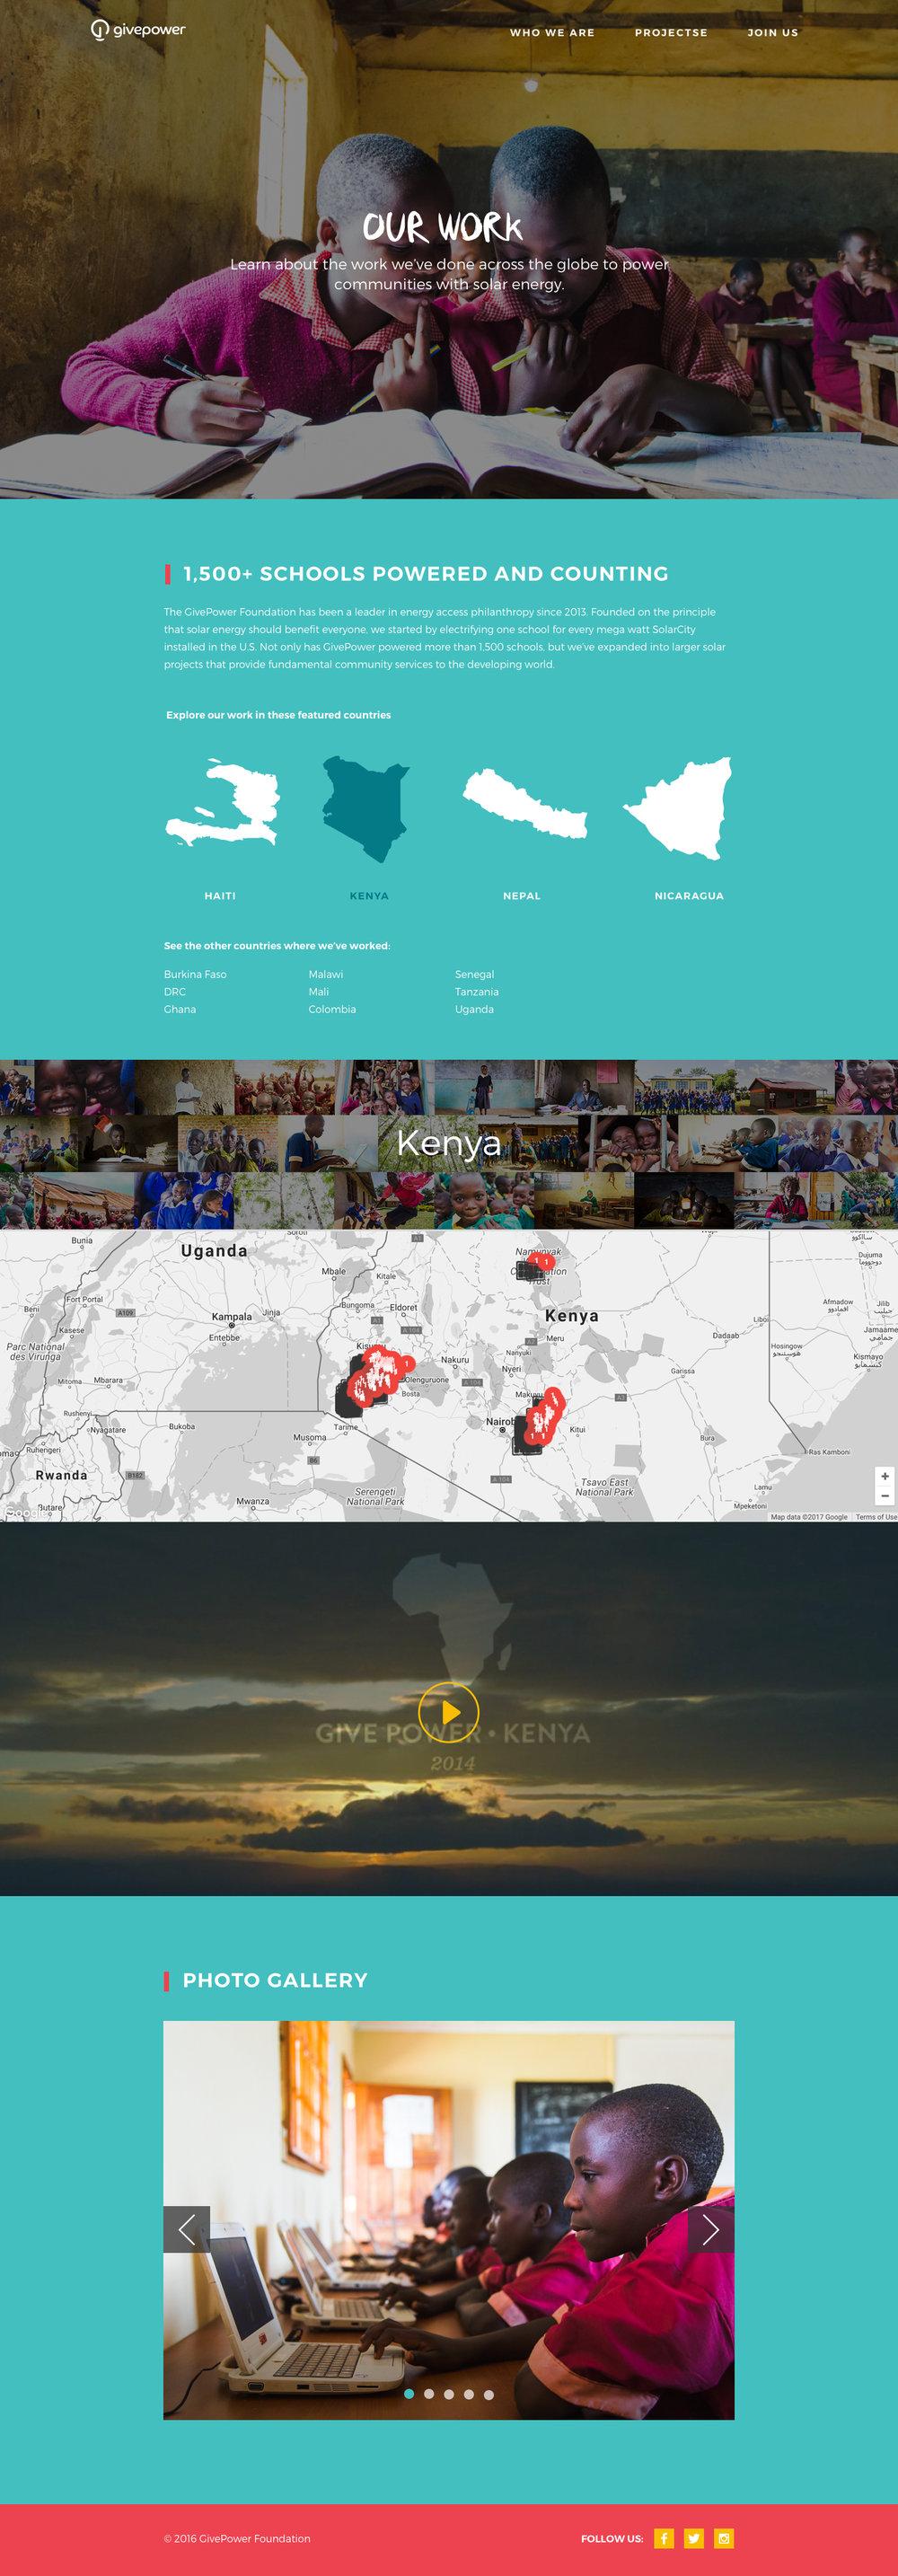 02 our work - kenya.jpg